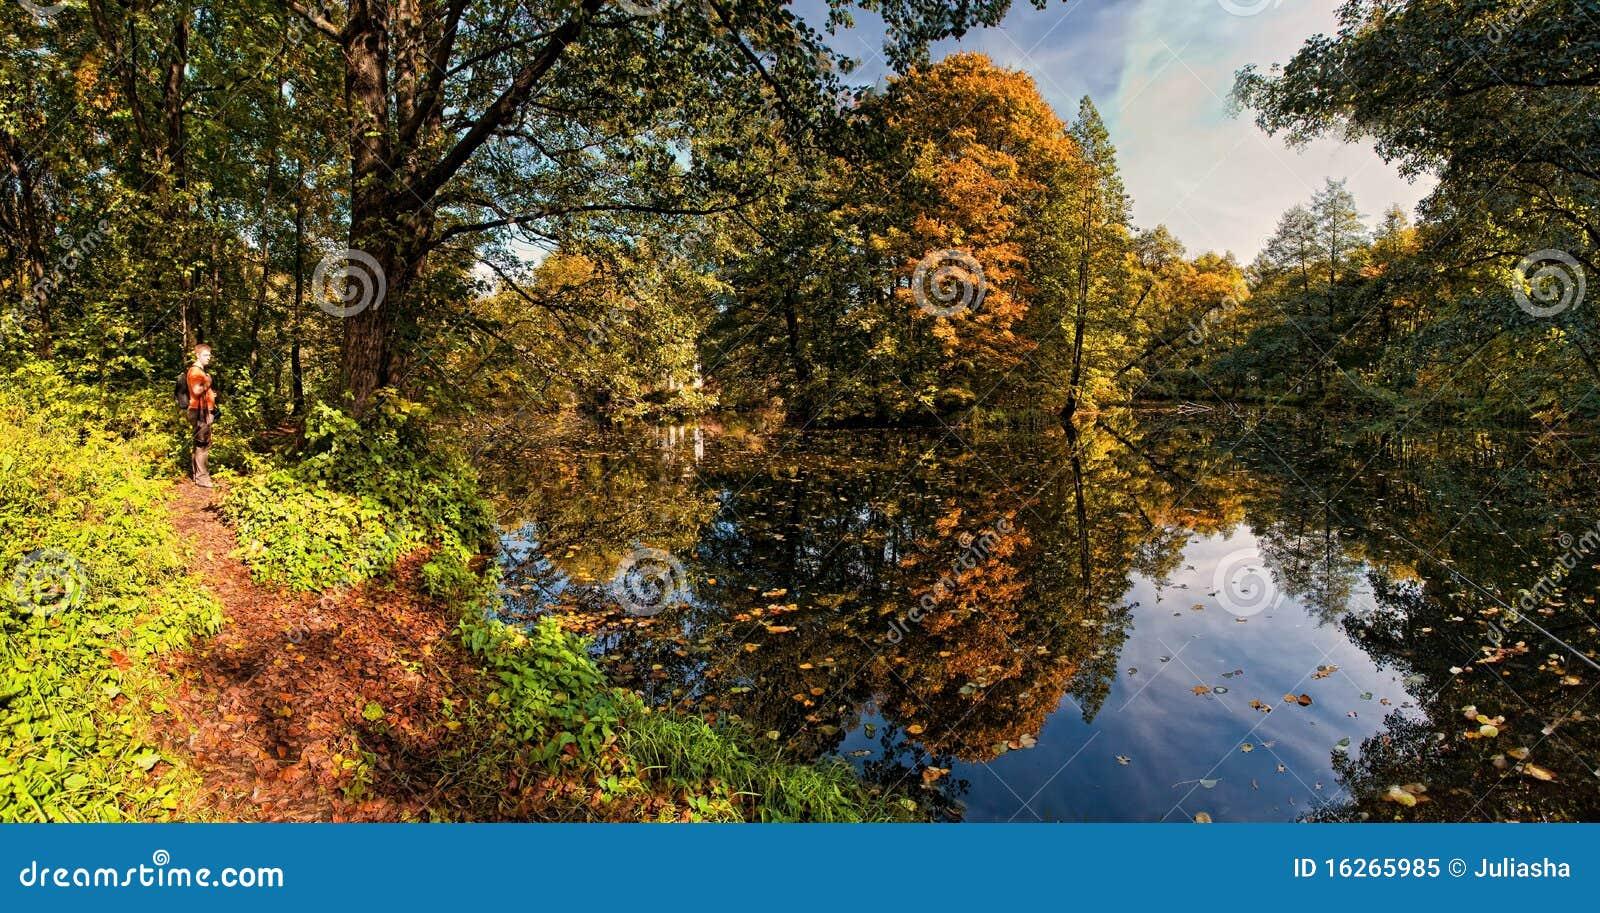 Autumn See